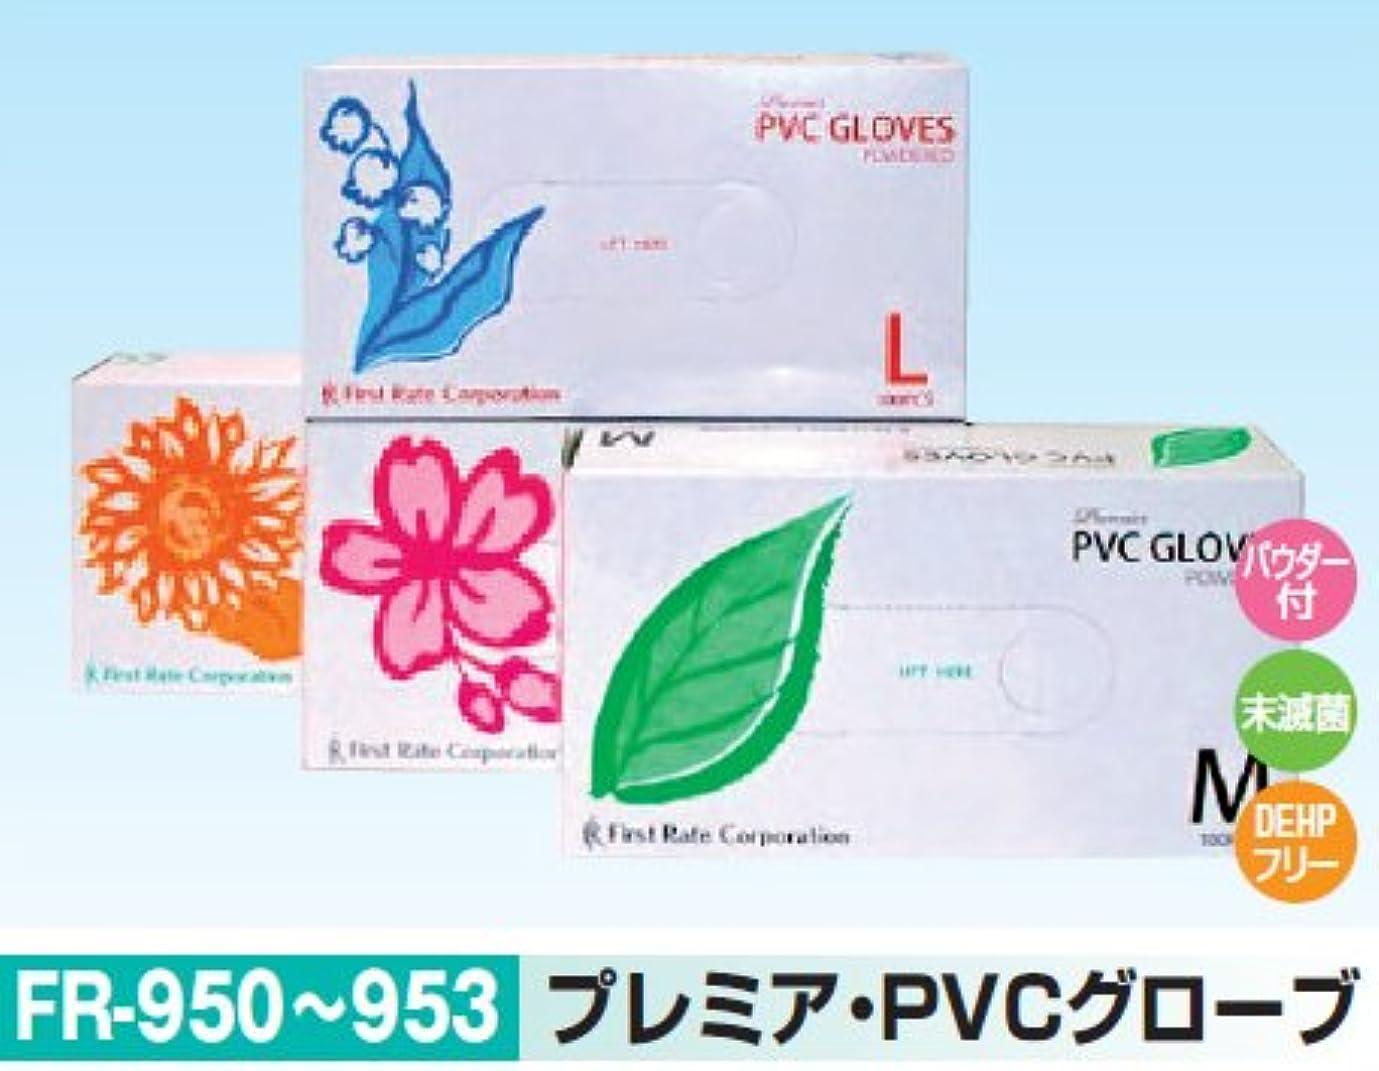 プレミア?PVCグローブ Sサイズ 100枚 FR-951 使い捨て手袋、パウダー付き高伸縮性プラスチックグローブ